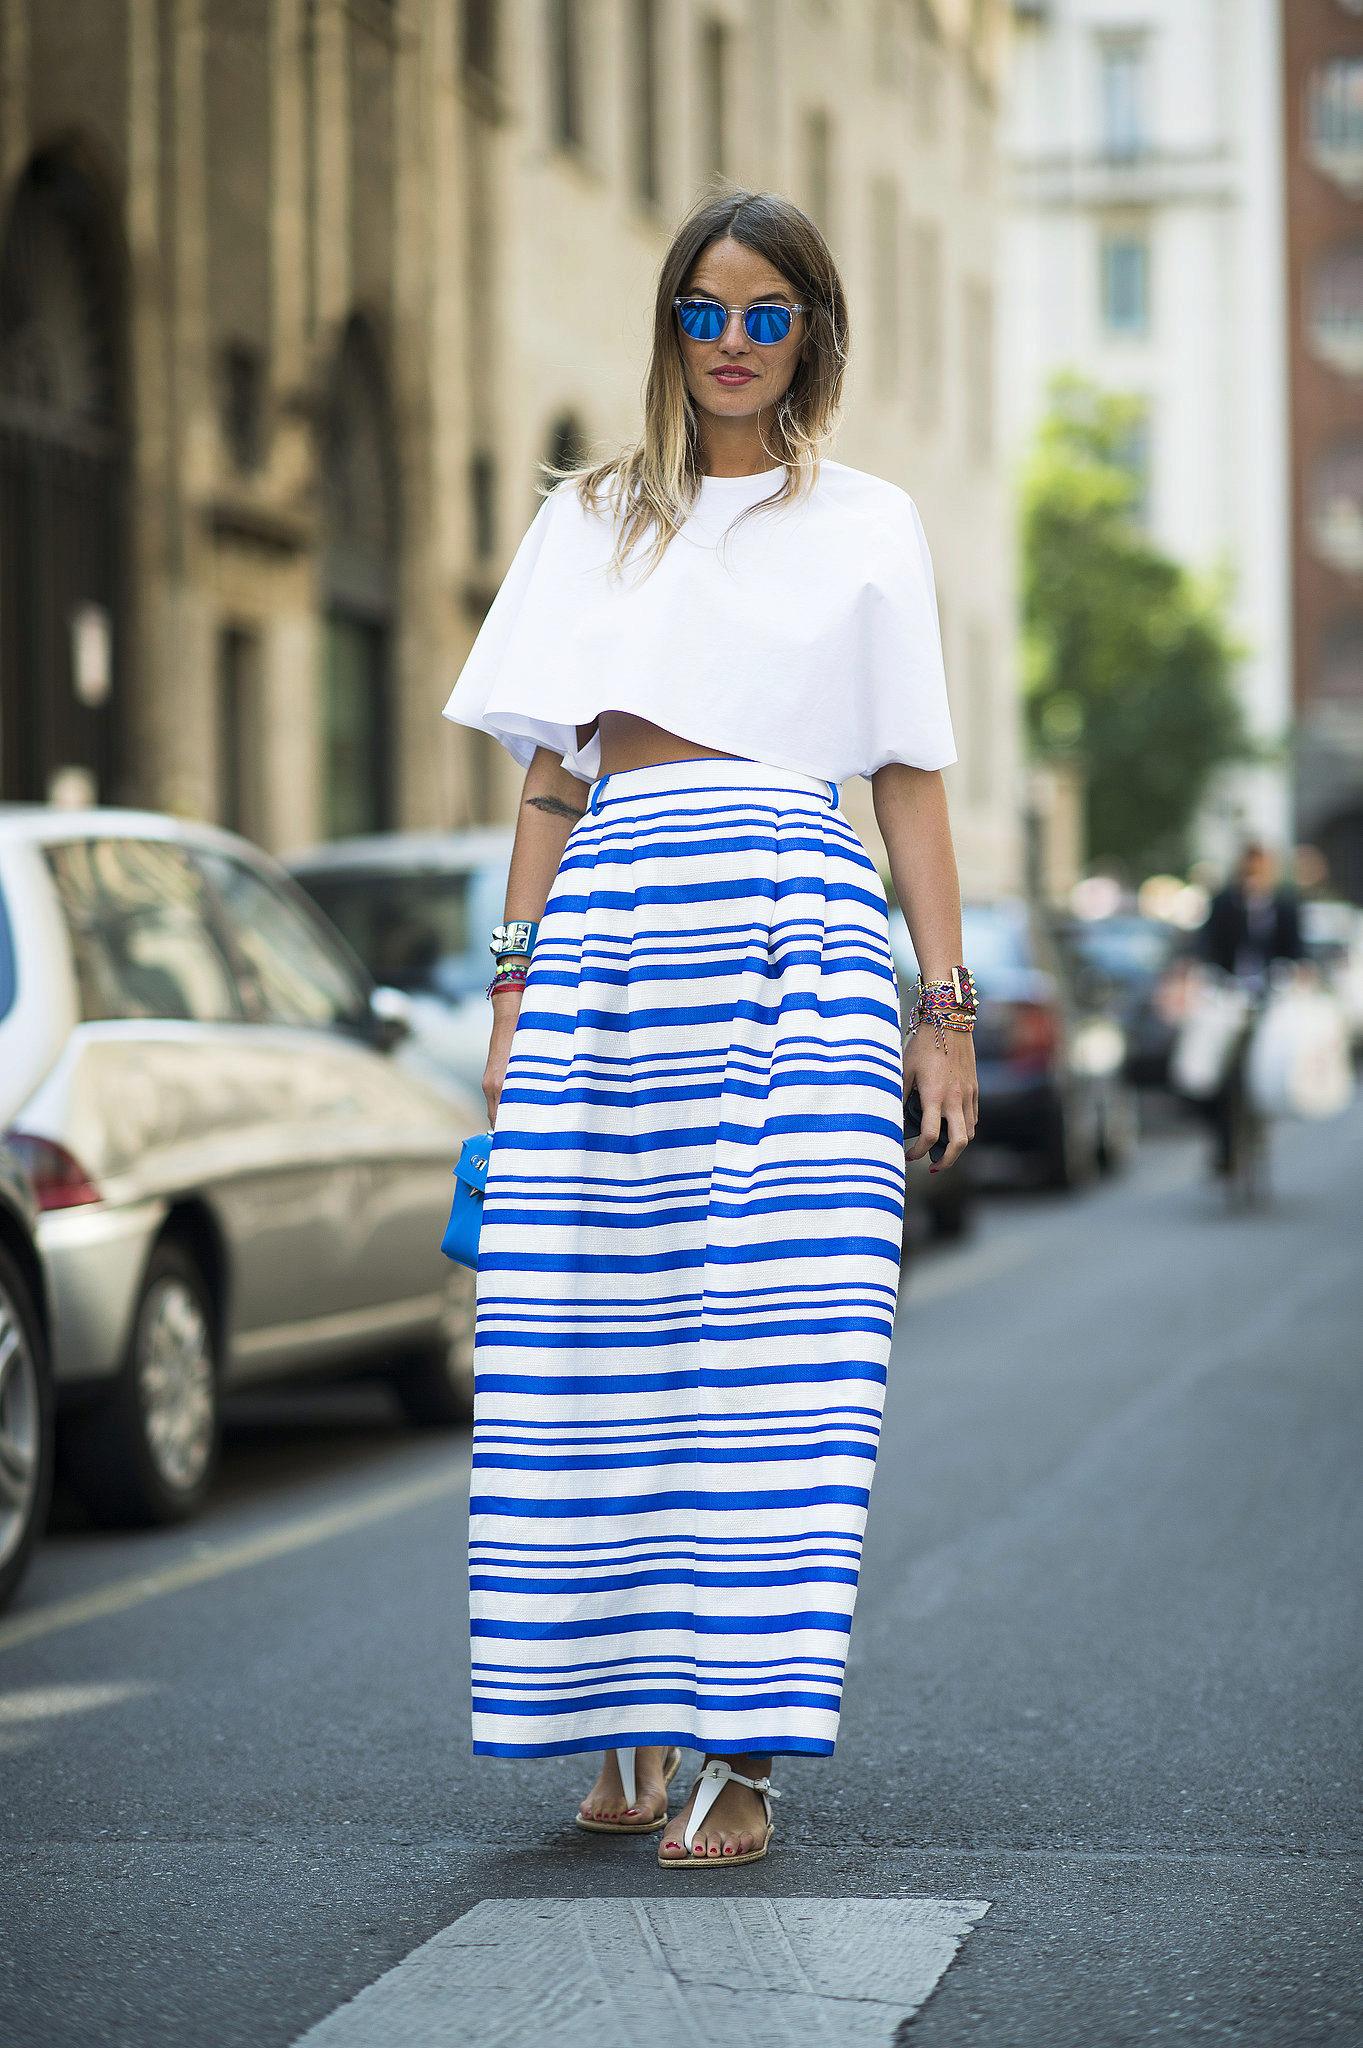 длинная юбка в сине-белую полоску